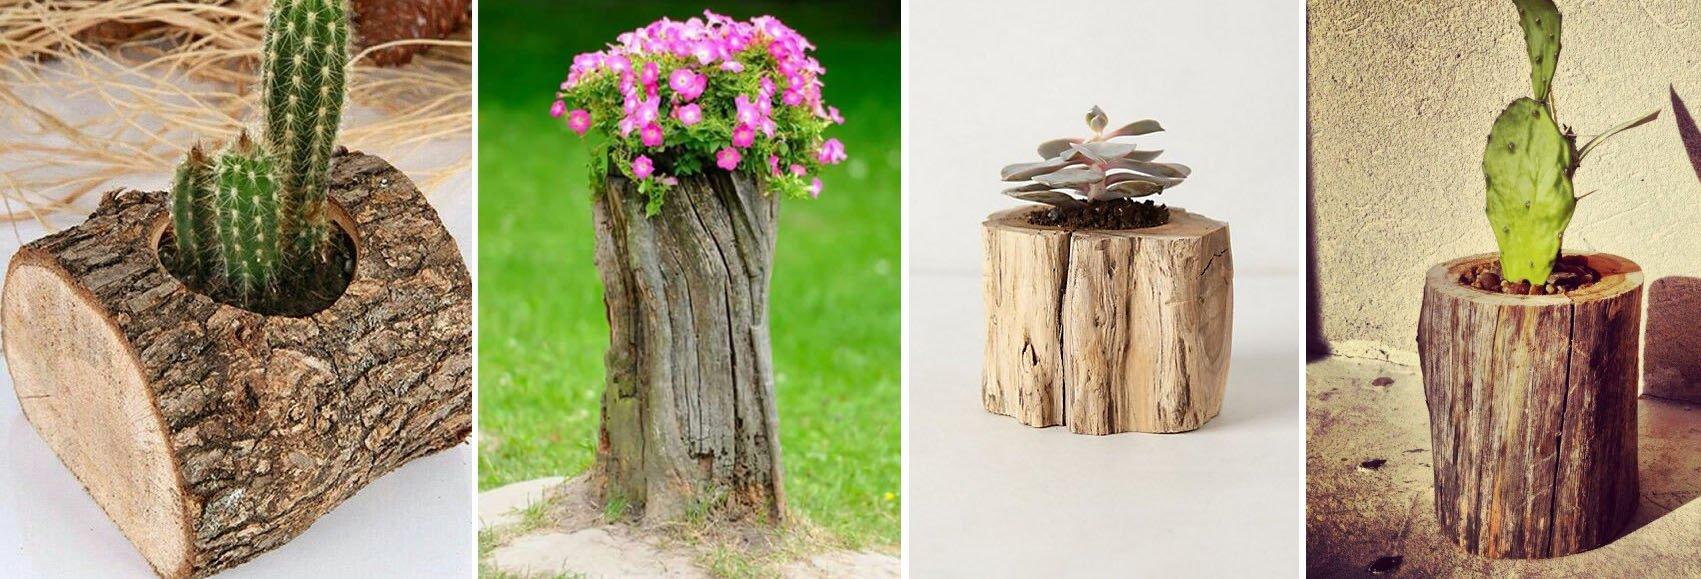 Decora tu jard n con reciclaje de madera decoraci n for Reciclaje para jardin